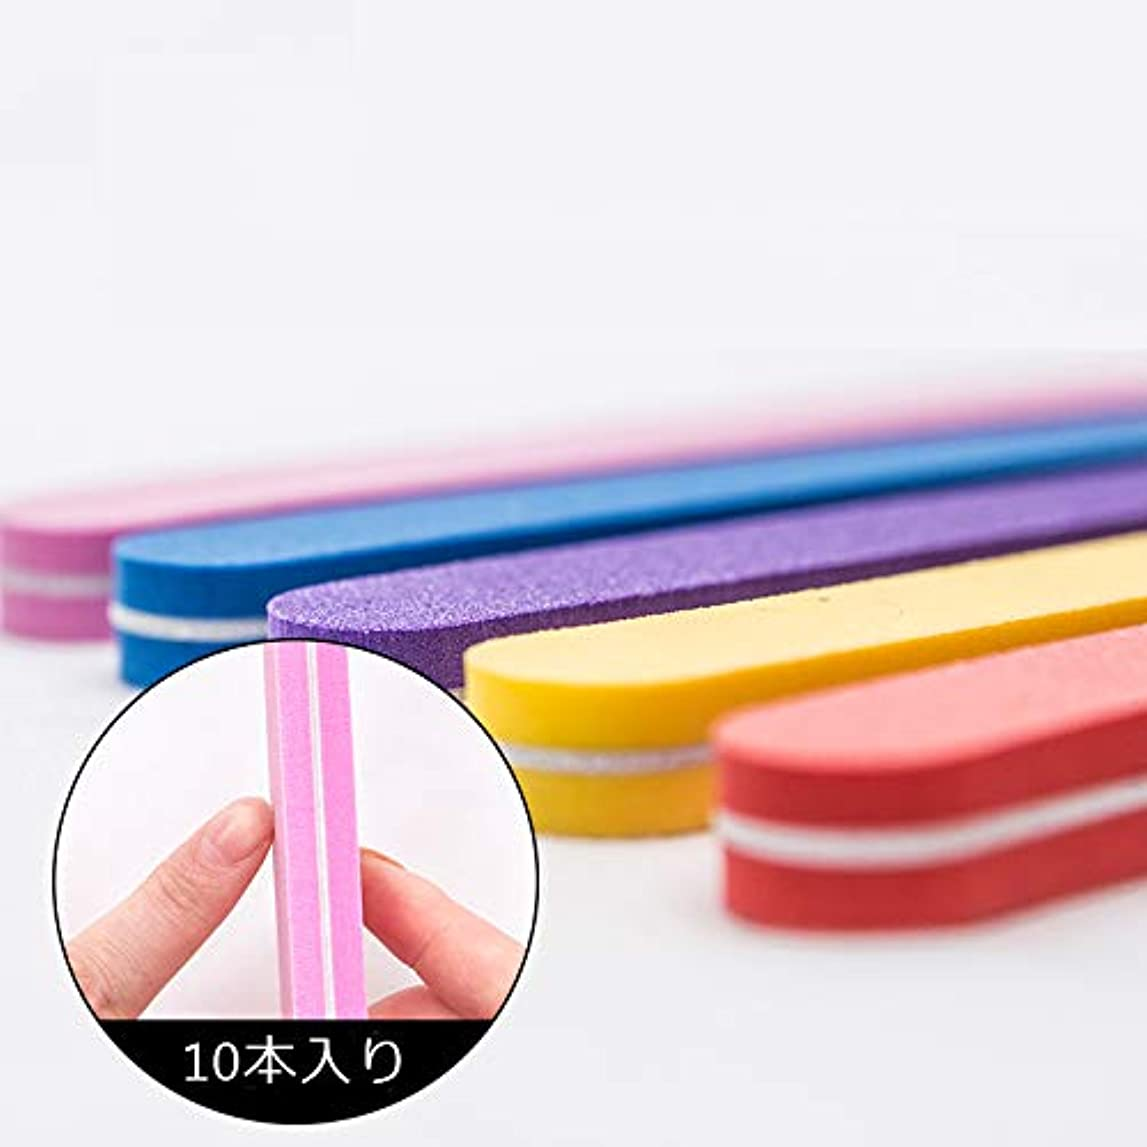 同級生軽減する才能爪やすり スポンジ 爪磨き 両面タイプ ネイルツール ネイルファイル プロ仕様 10本 5色